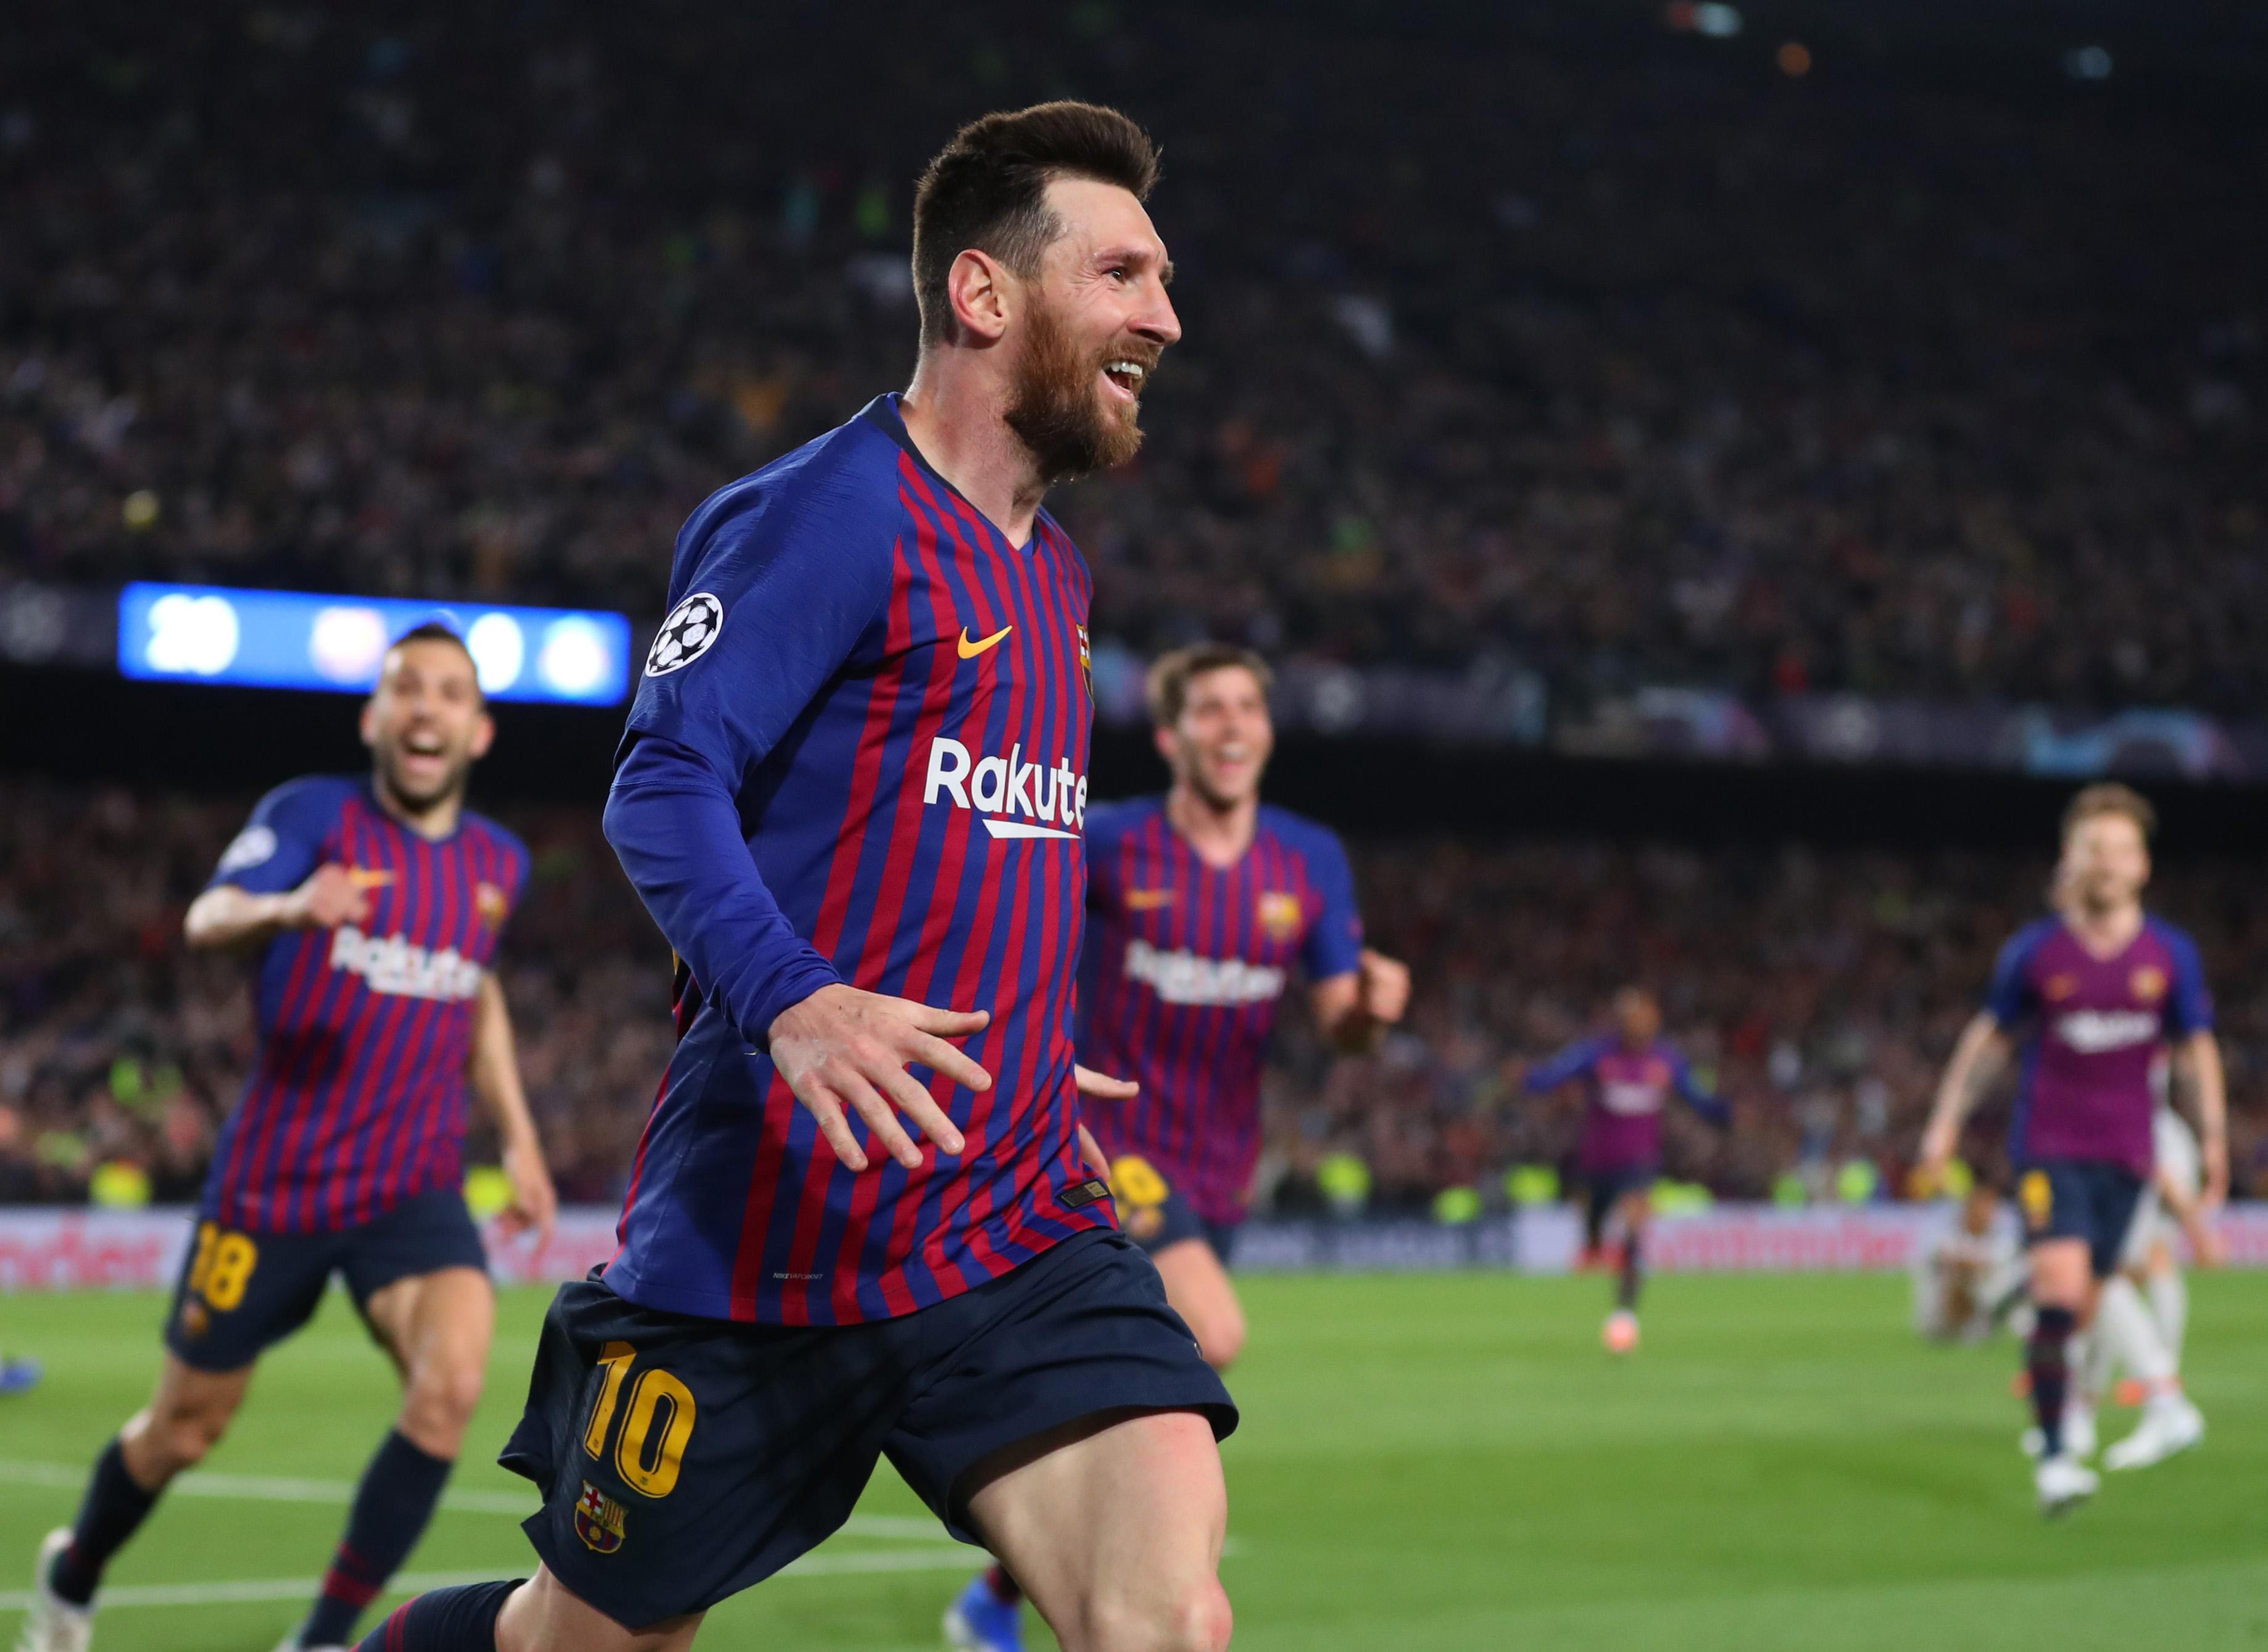 Barcelona - Liverpool, semifinala UEFA Champions League în care Messi ajunge la golul 600 pentru catalani